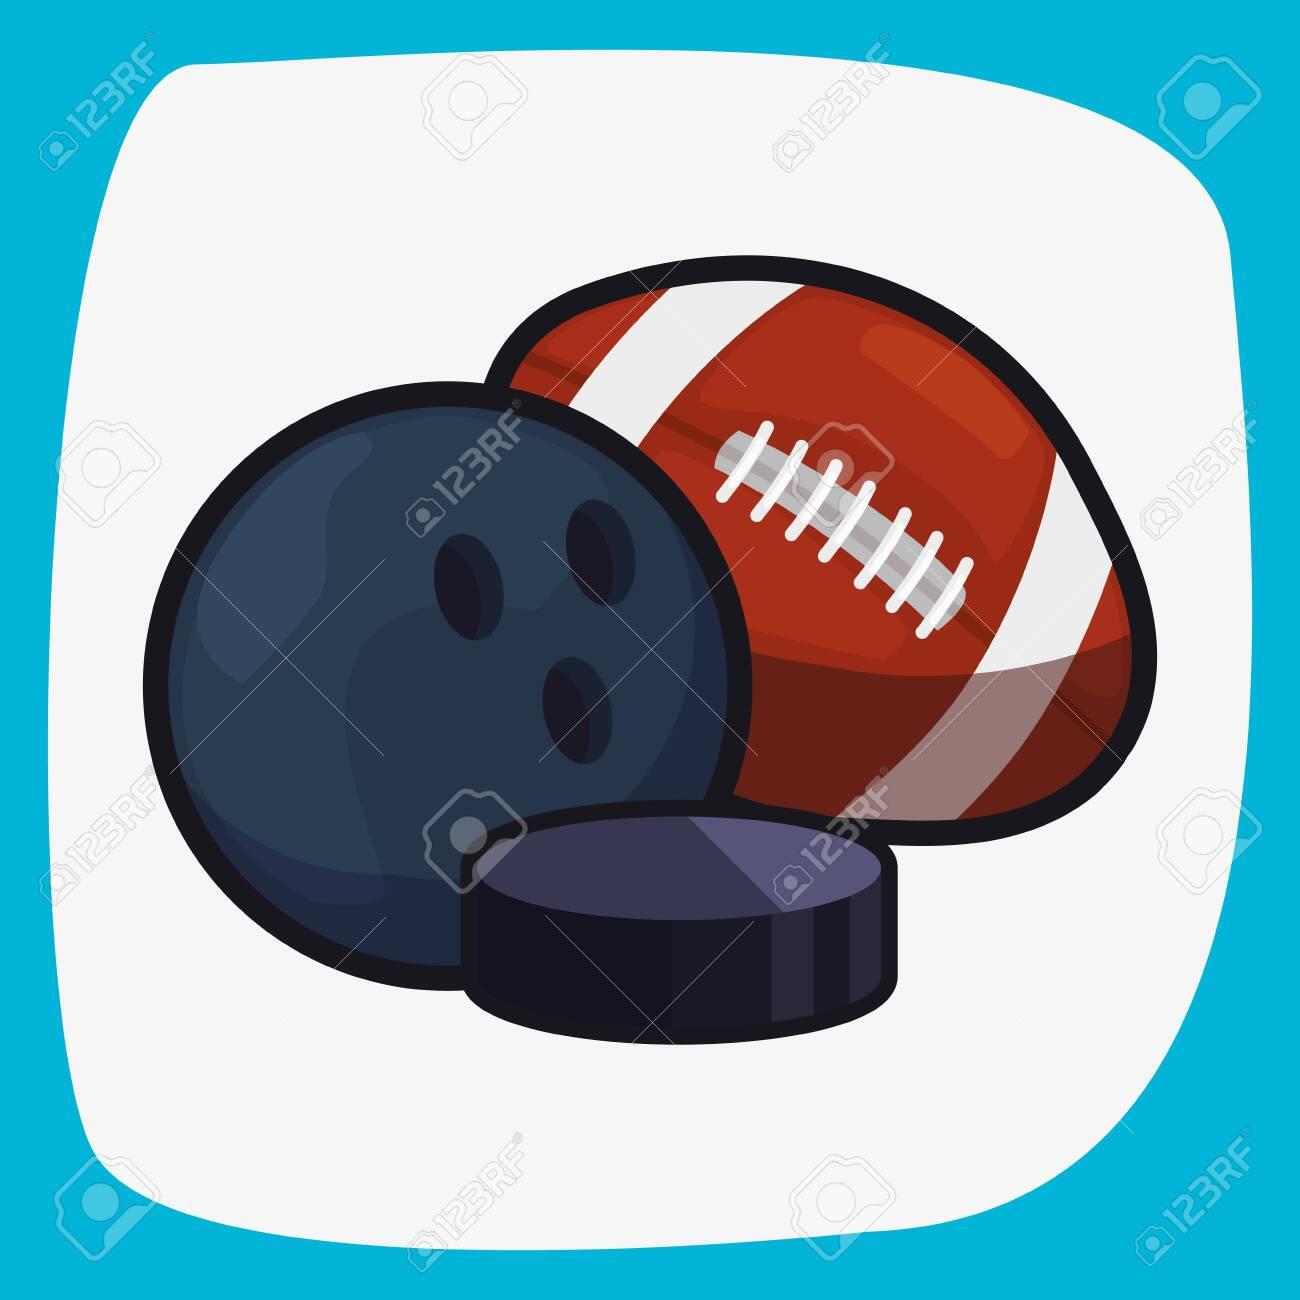 soccer baseball basketball balls sport vector illustration design - 136001908